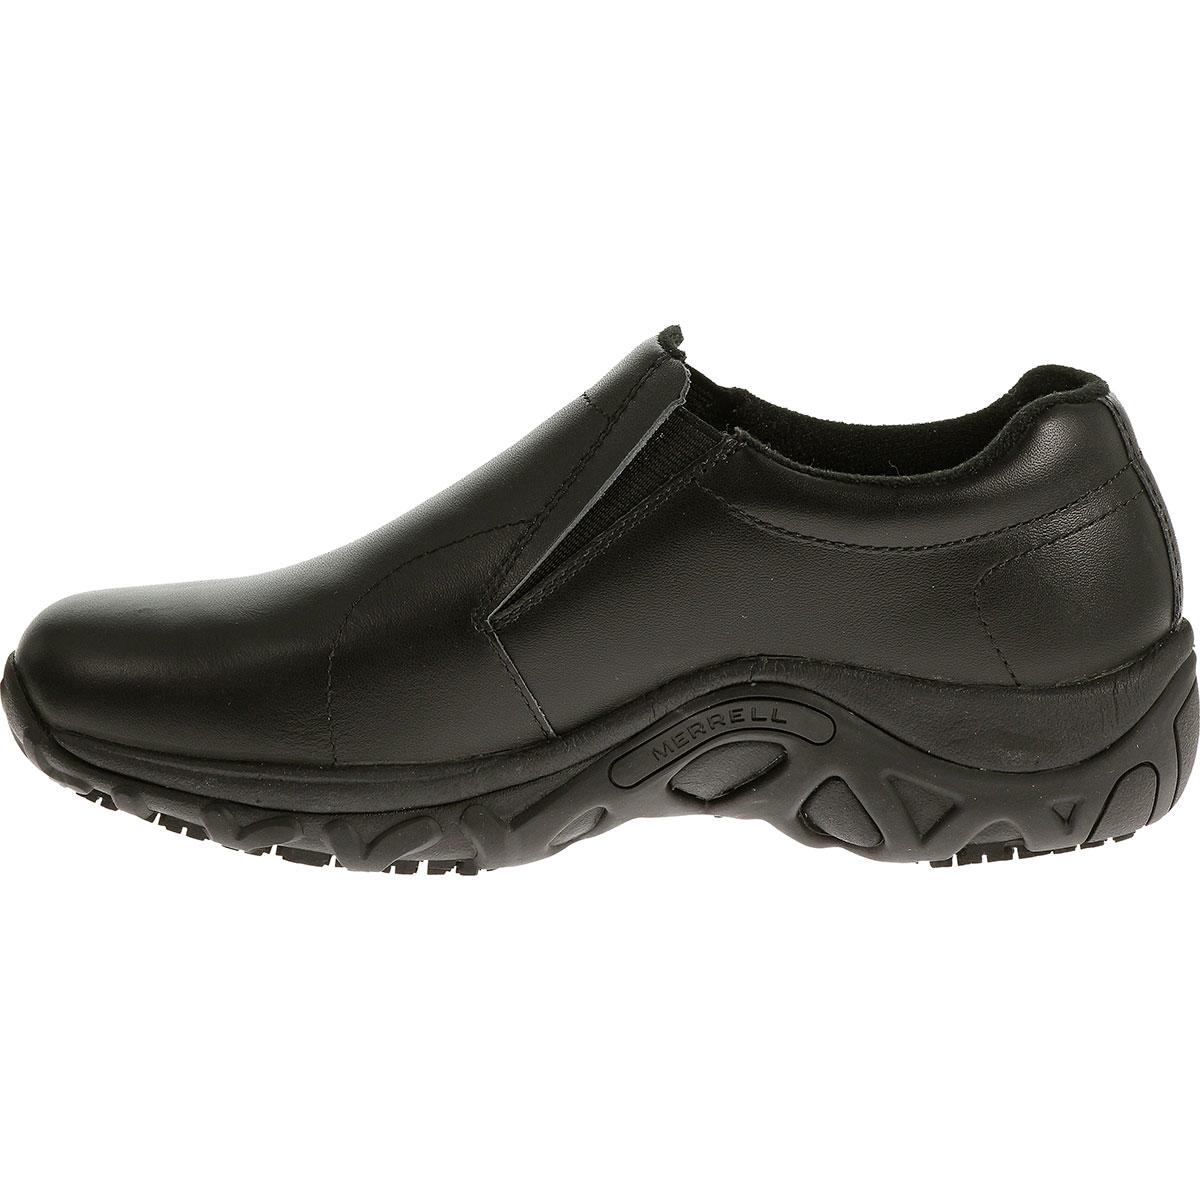 Jungle Moc Pro Grip Shoes